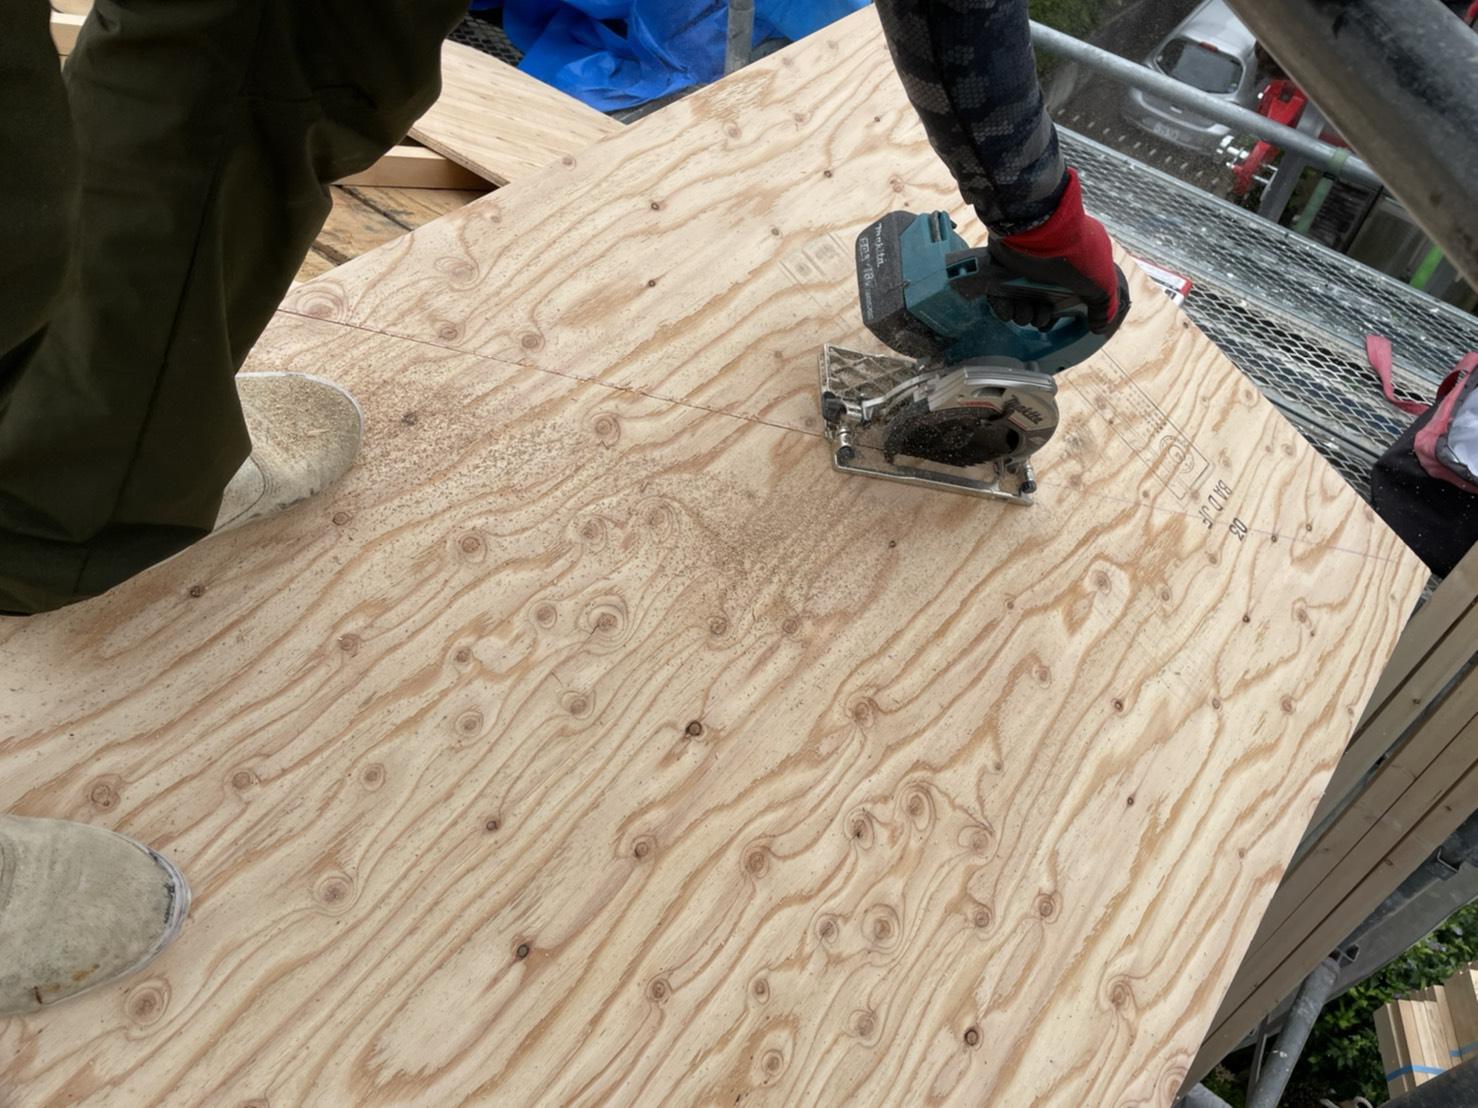 神戸市での雨漏りしている屋根葺き直し工事で下地用合板を切断している様子